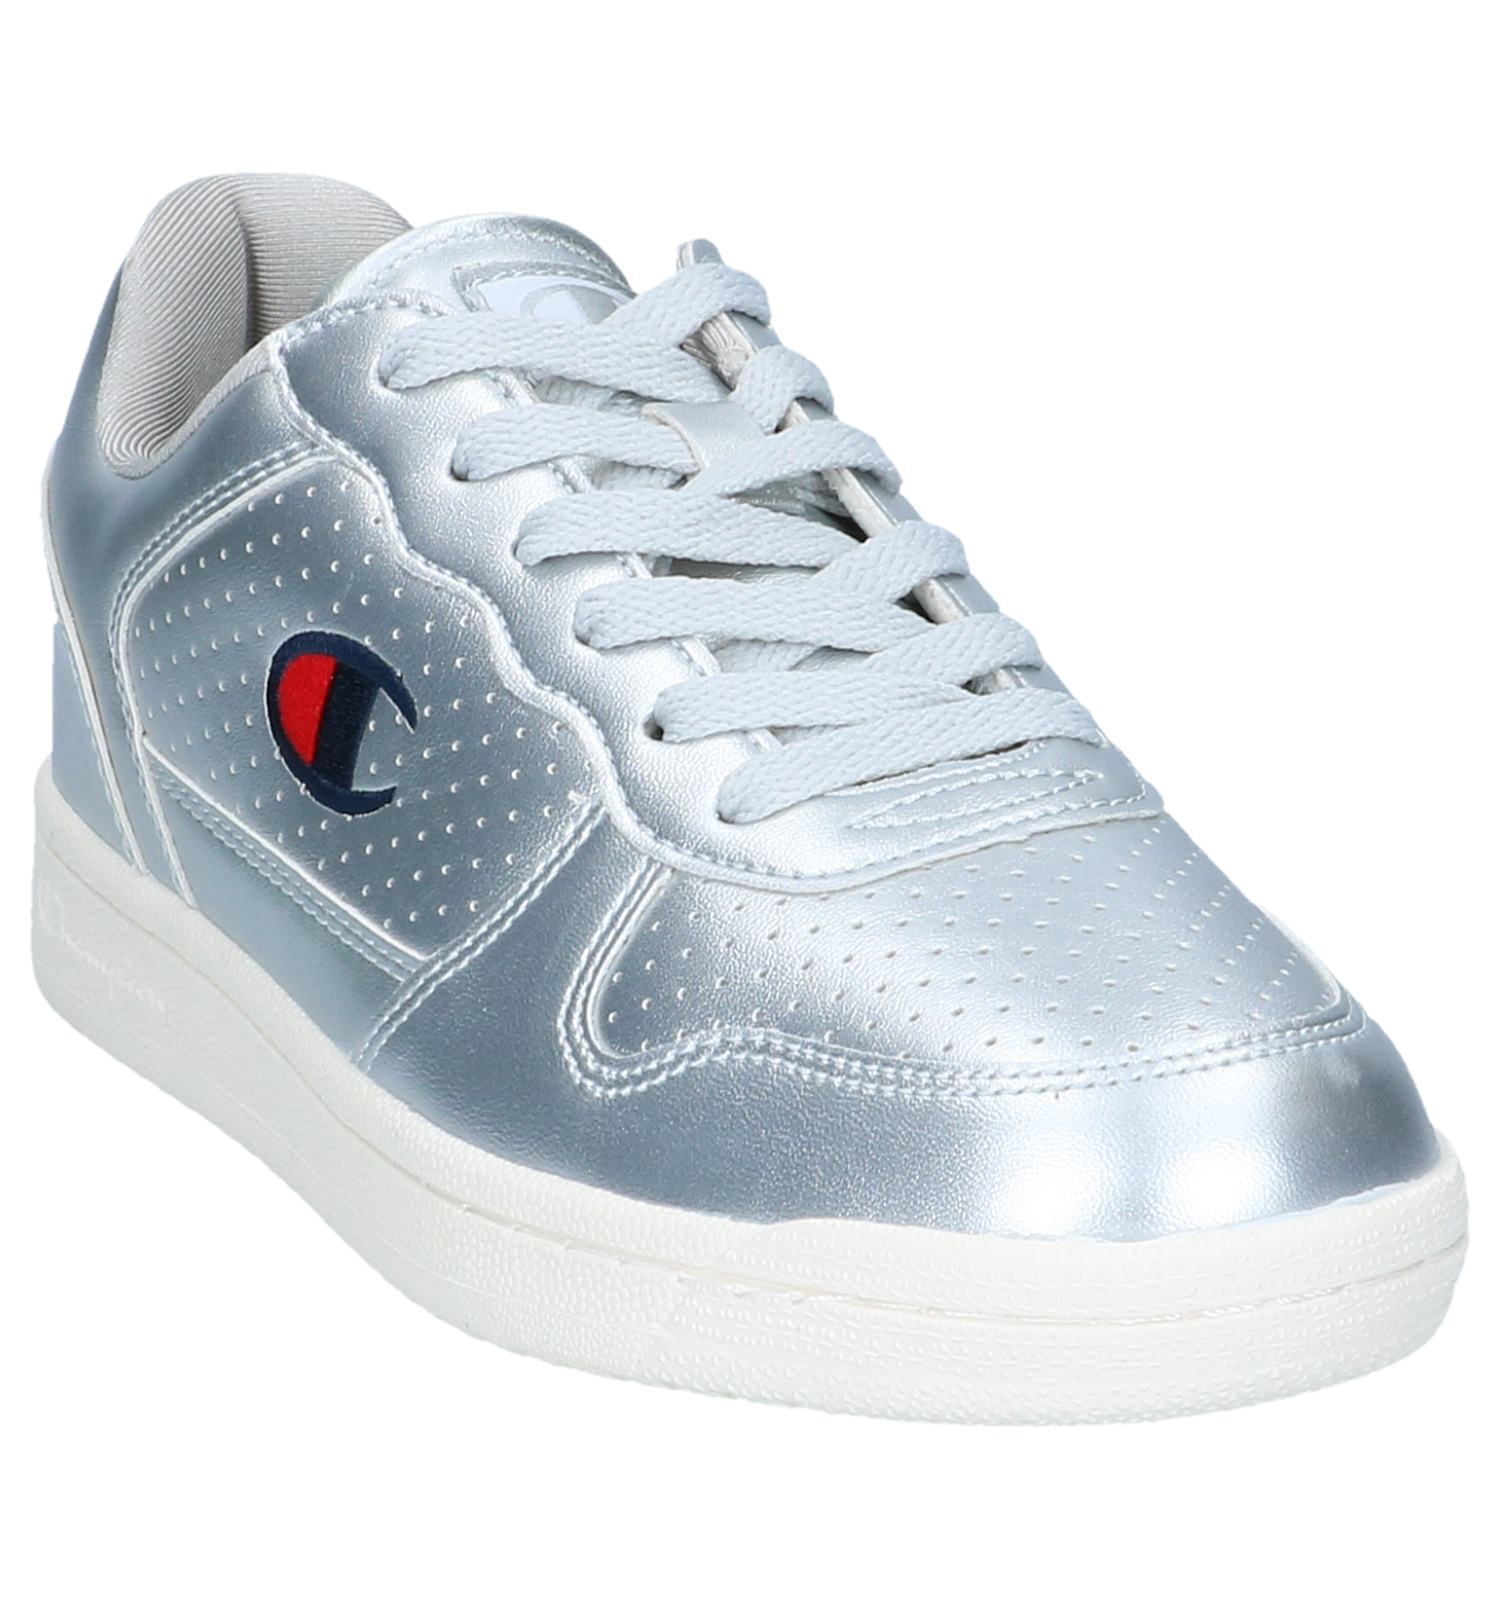 Metallic Sneakers Zilveren Basket Low Chicago Champion SVpUMzq